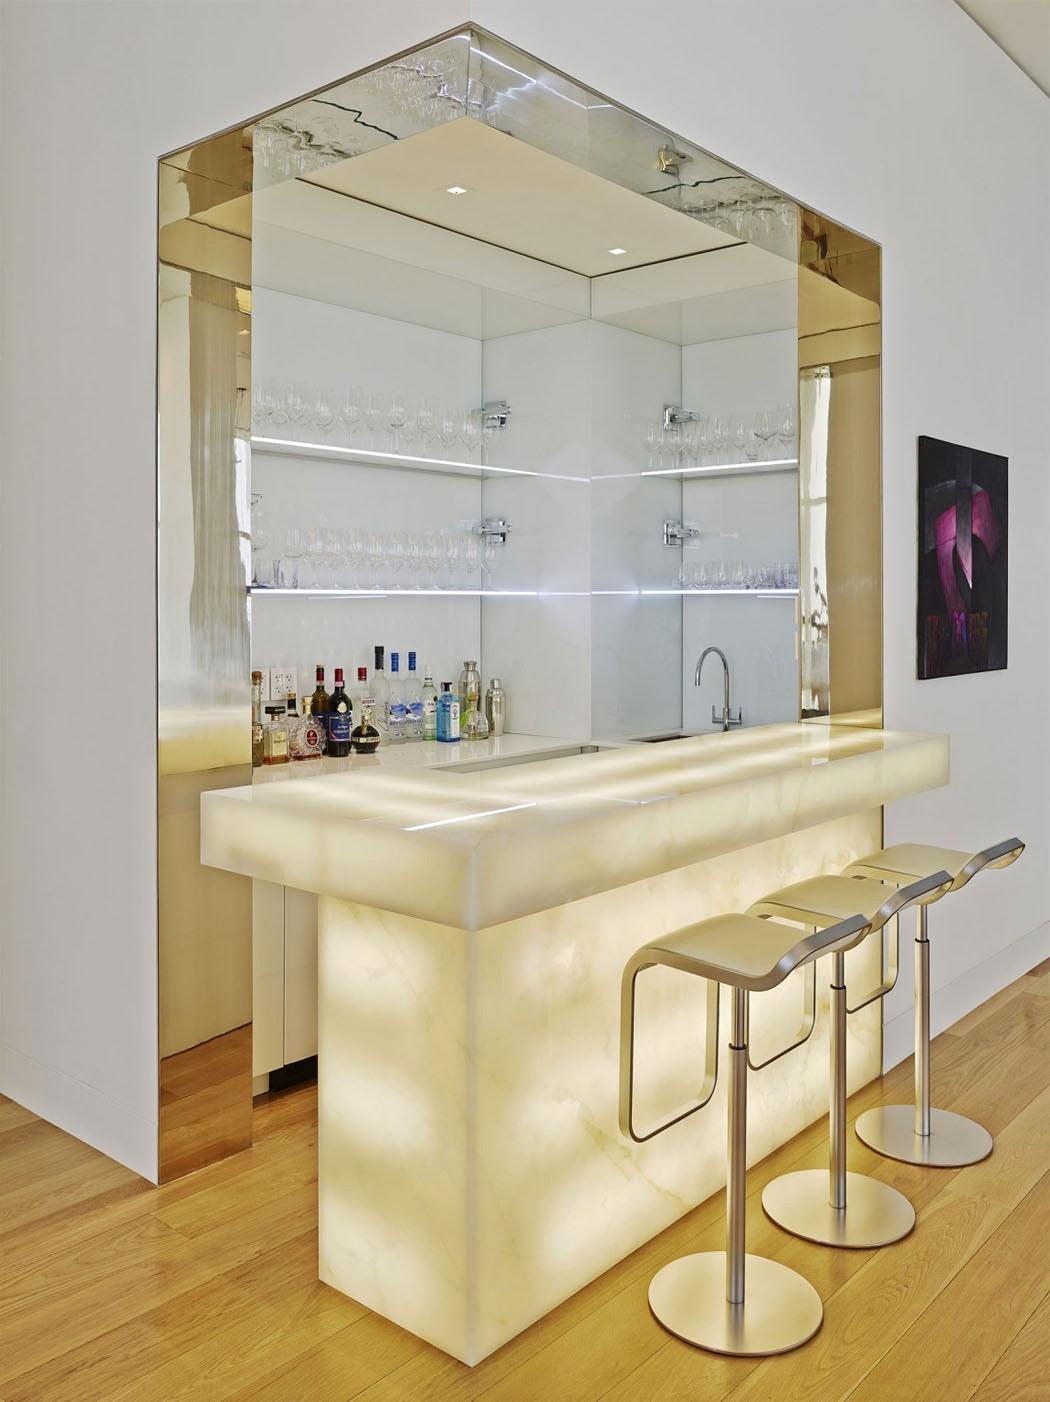 Дизайн кухни с барной стойкой с подсветкой